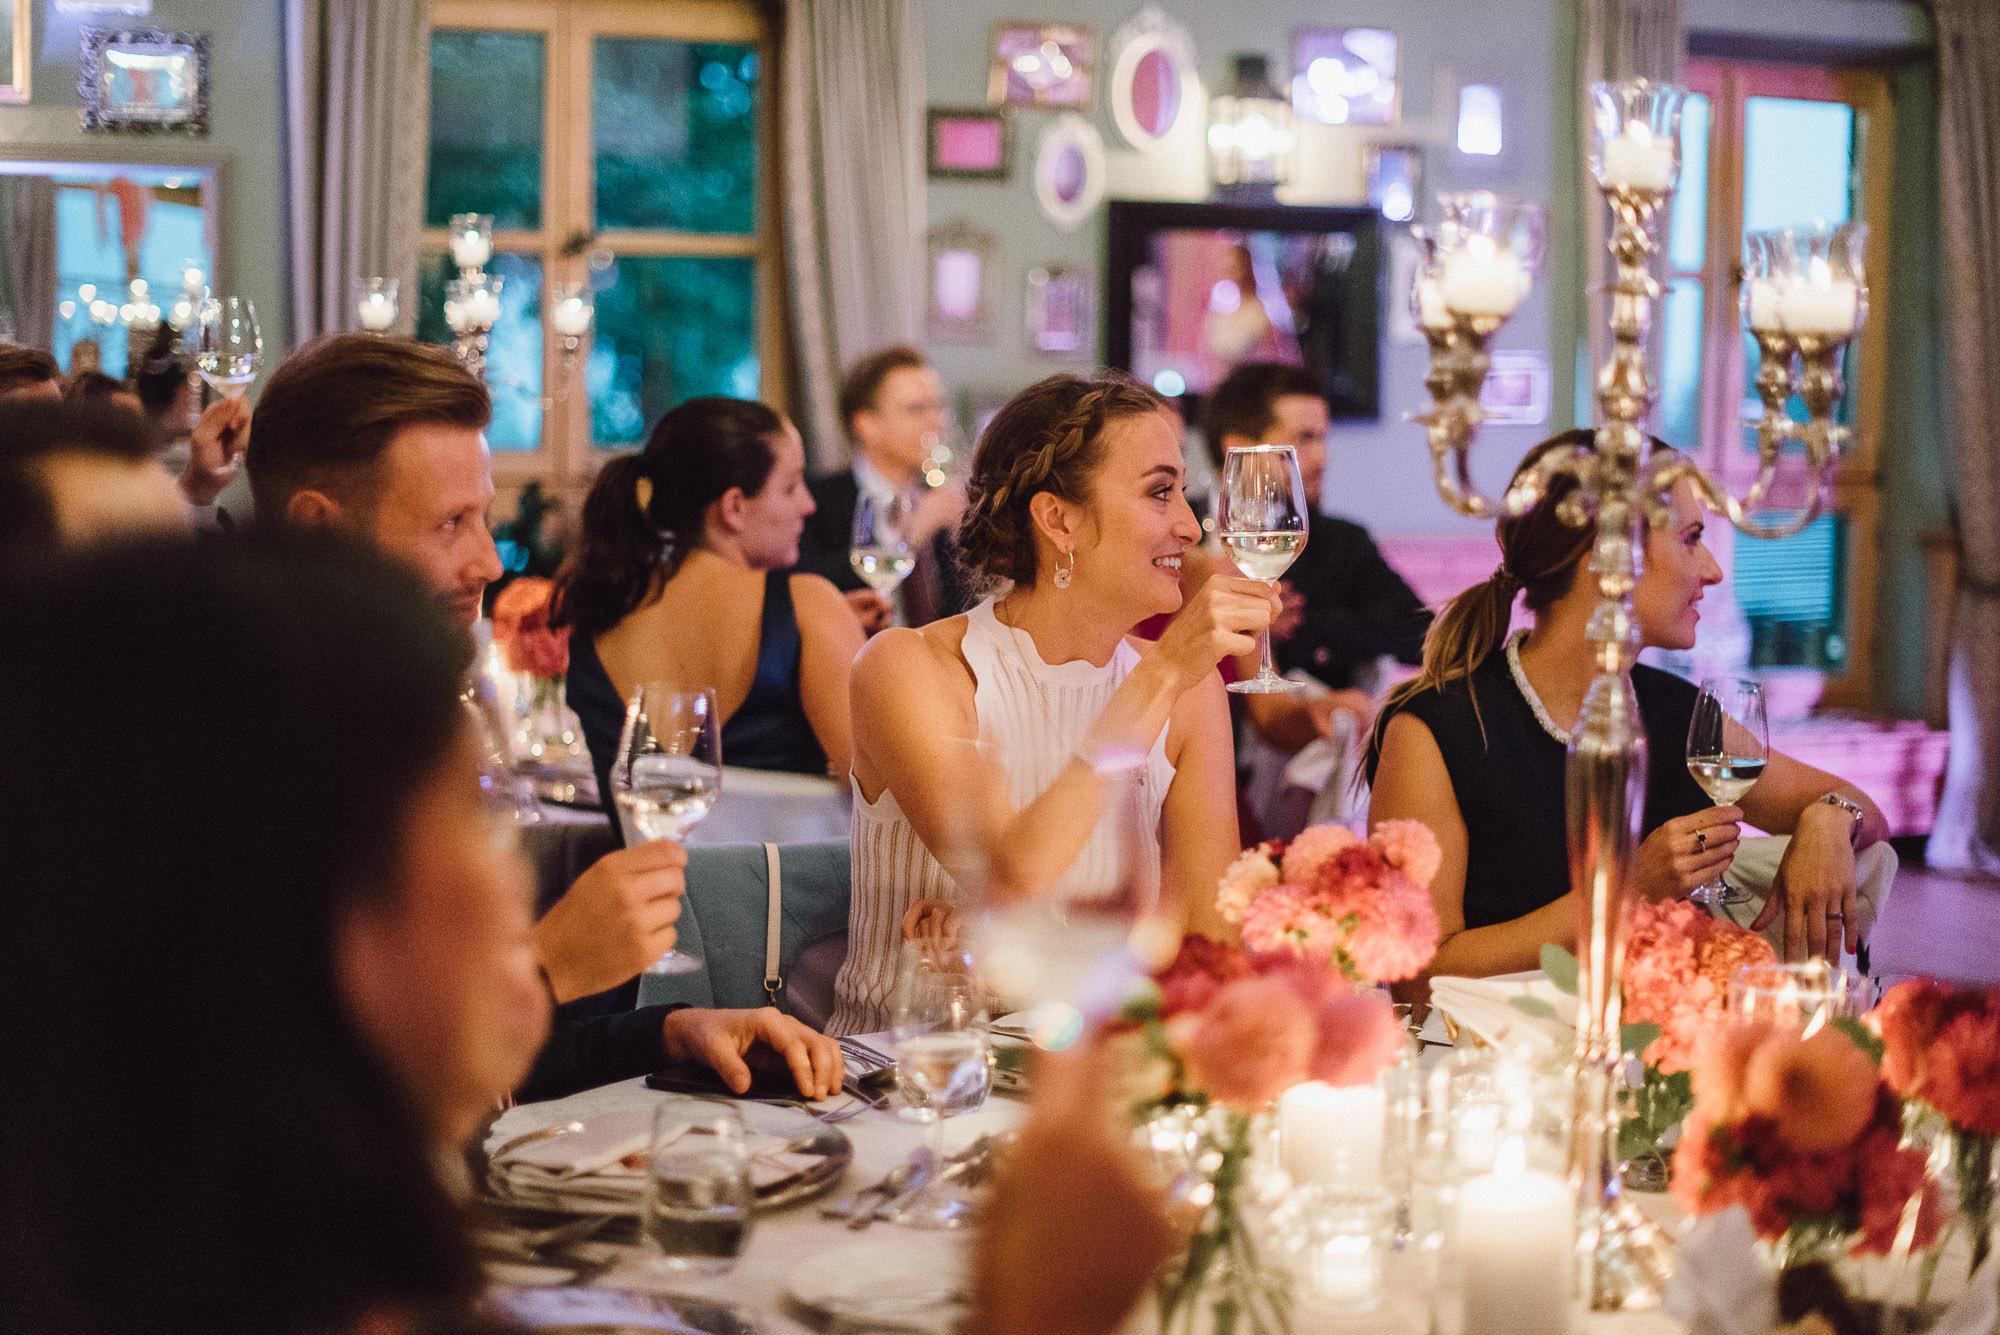 Alle erheben die Gläser auf das Brautpaar